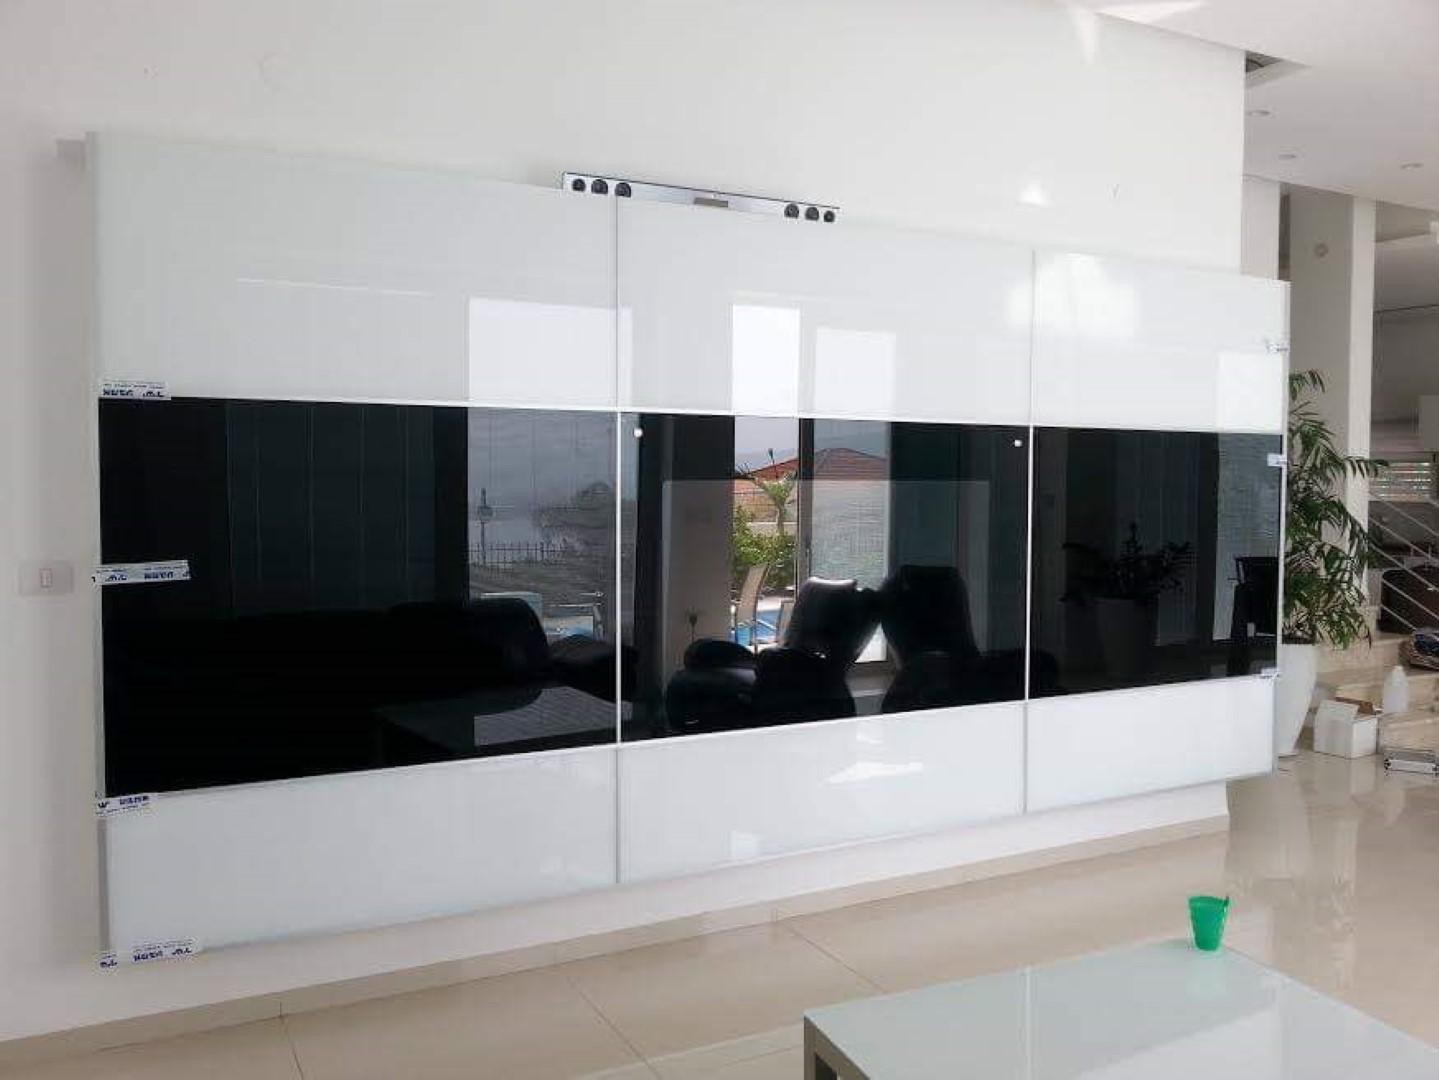 קיר מעוצב למסך טלויזיה